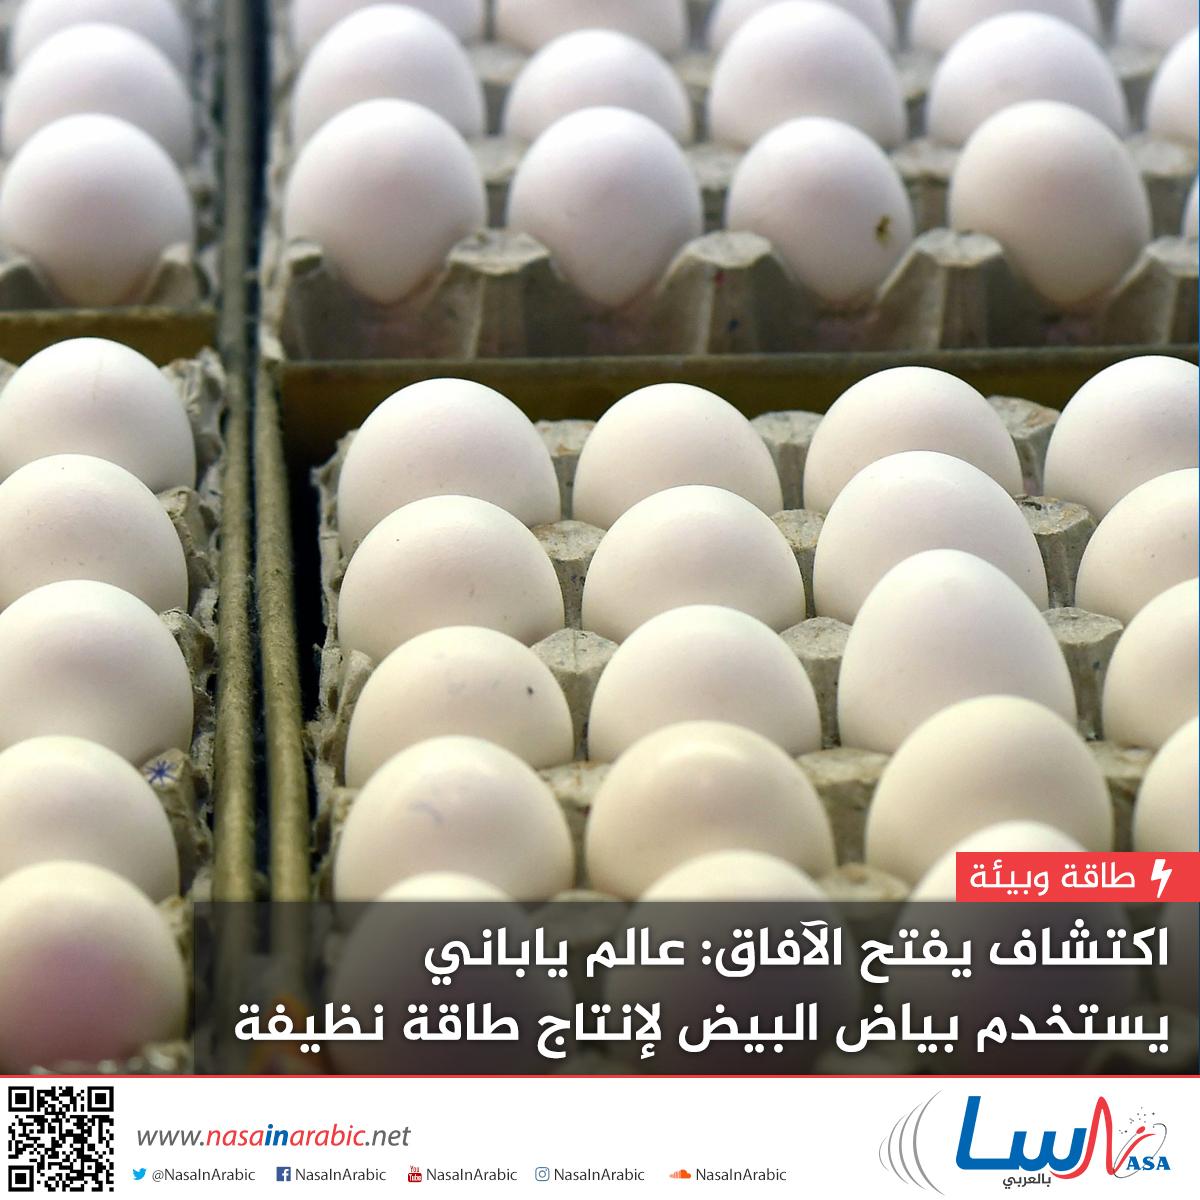 اكتشاف يفتح الآفاق: عالم ياباني يستخدم بياض البيض لإنتاج طاقة نظيفة